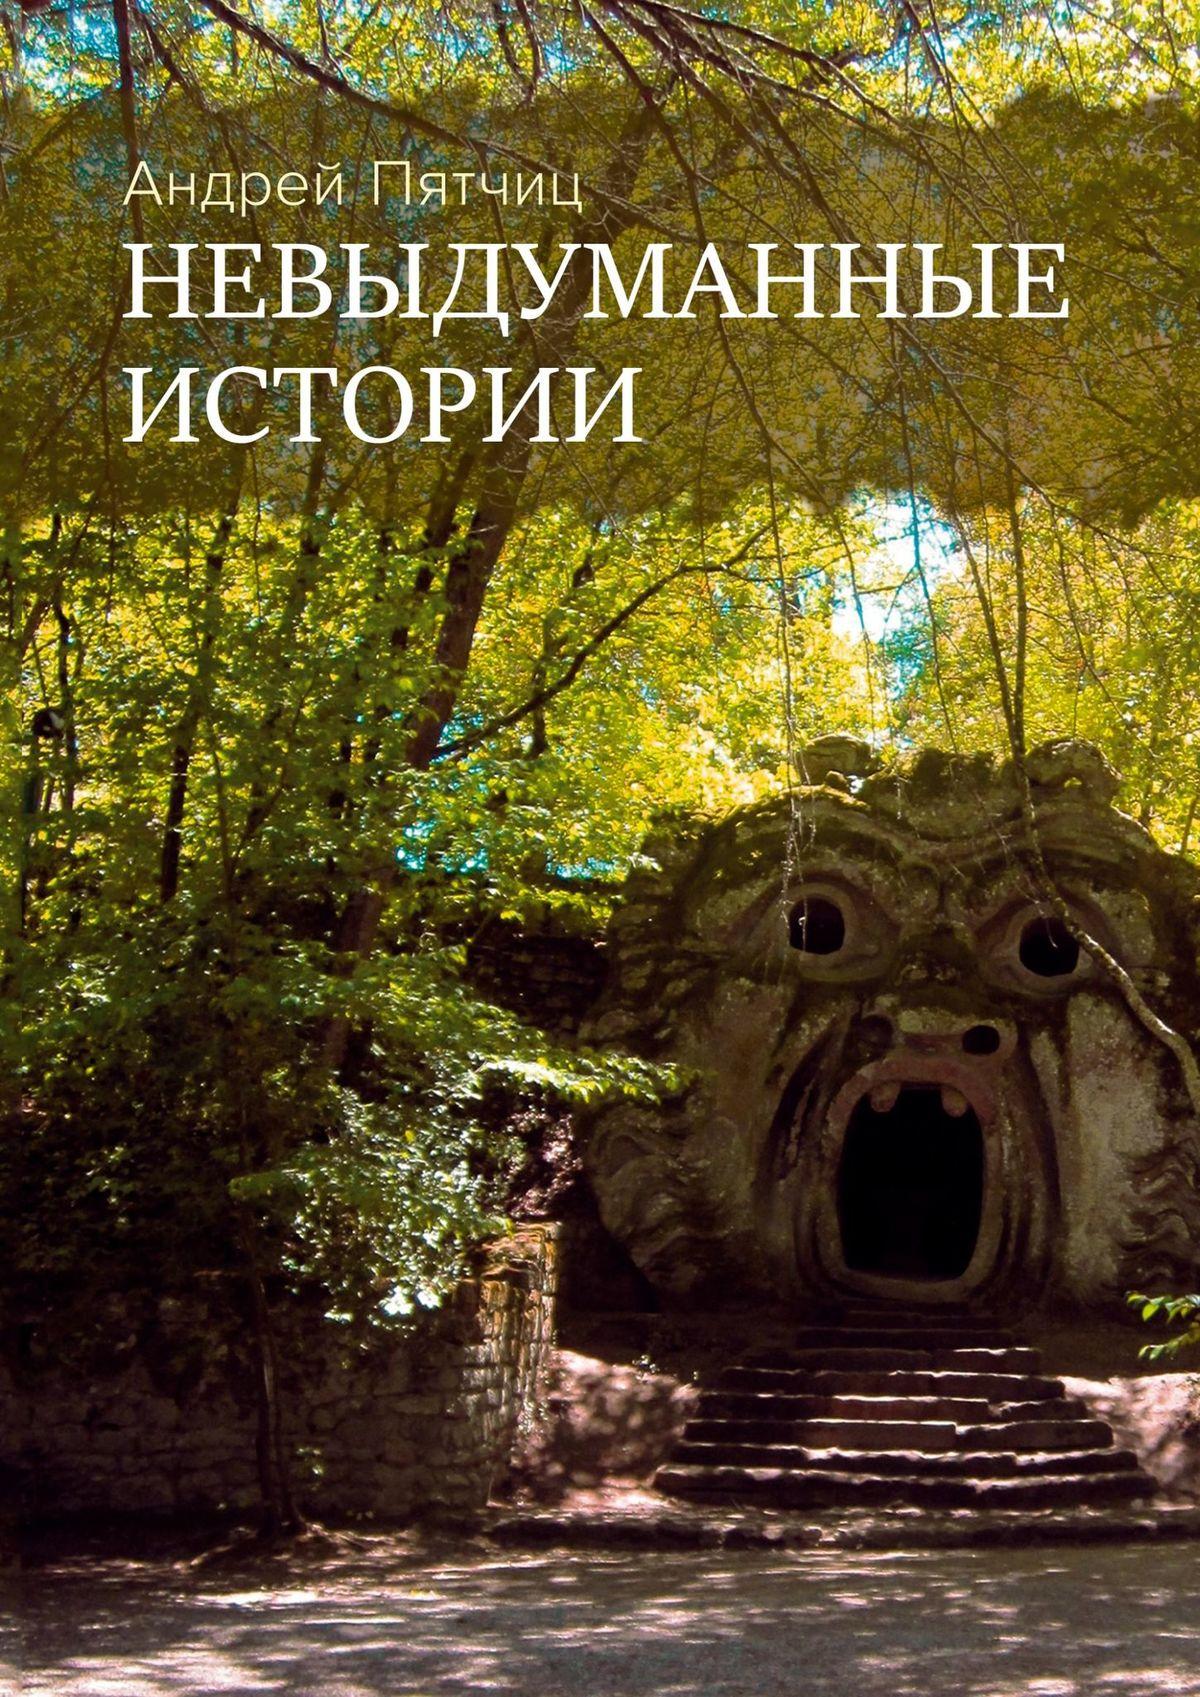 Андрей Пятчиц Невыдуманные истории. Книга первая автор не указан требник